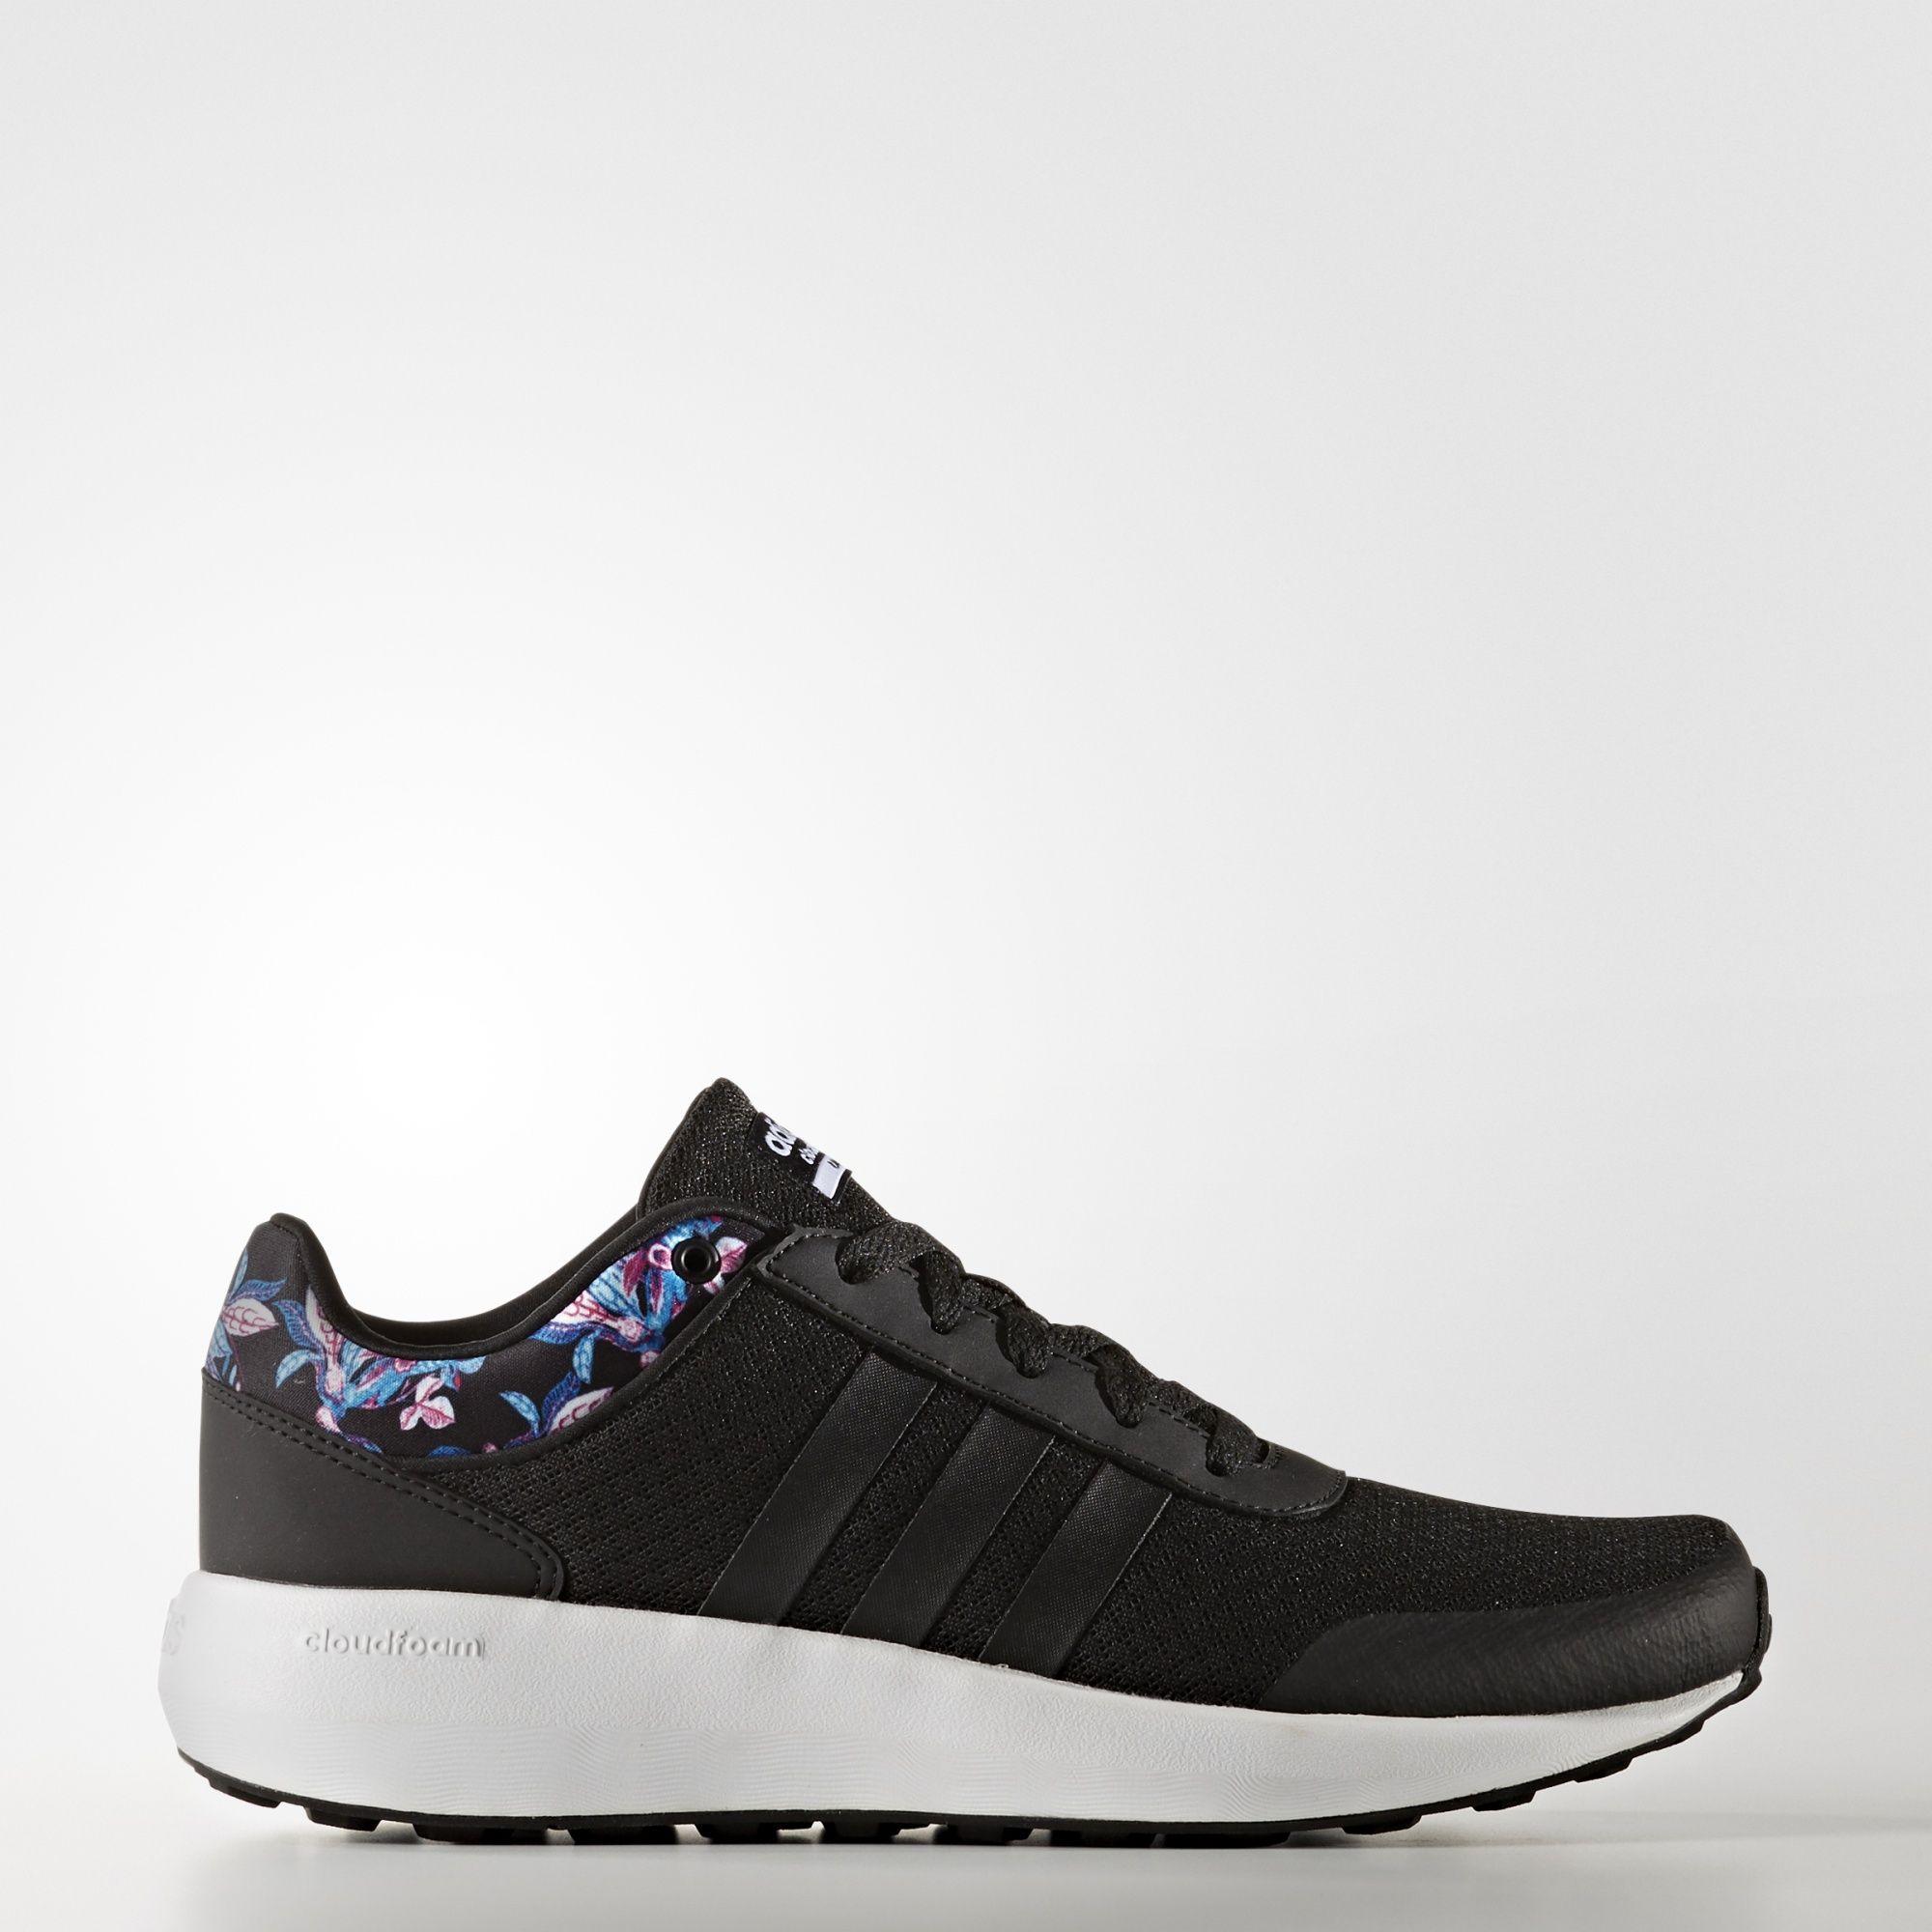 first rate 8789c a519a Adidas · Floral · Modern · Fitness · Shoes · Nowoczesny styl biegowy z  nowym twistem. Te siateczkowe buty dla kobiet prezentują kwiatową grafikę na